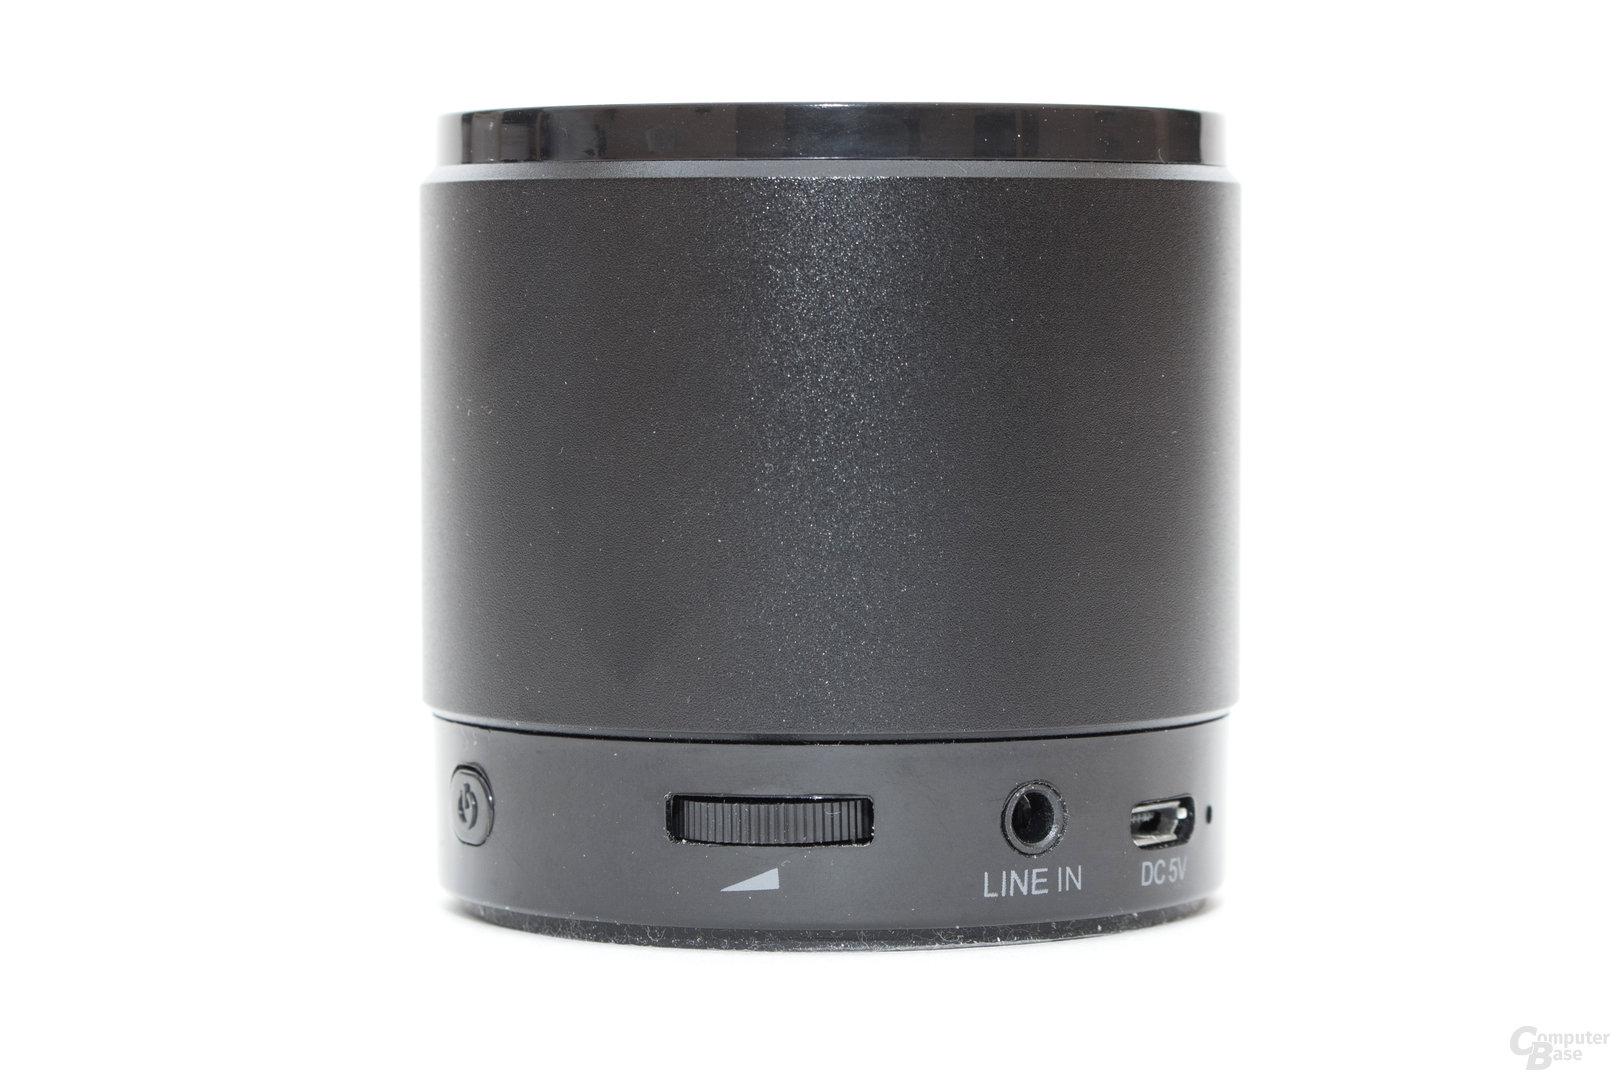 August MS425 mit analoger Lautstärkeregelung